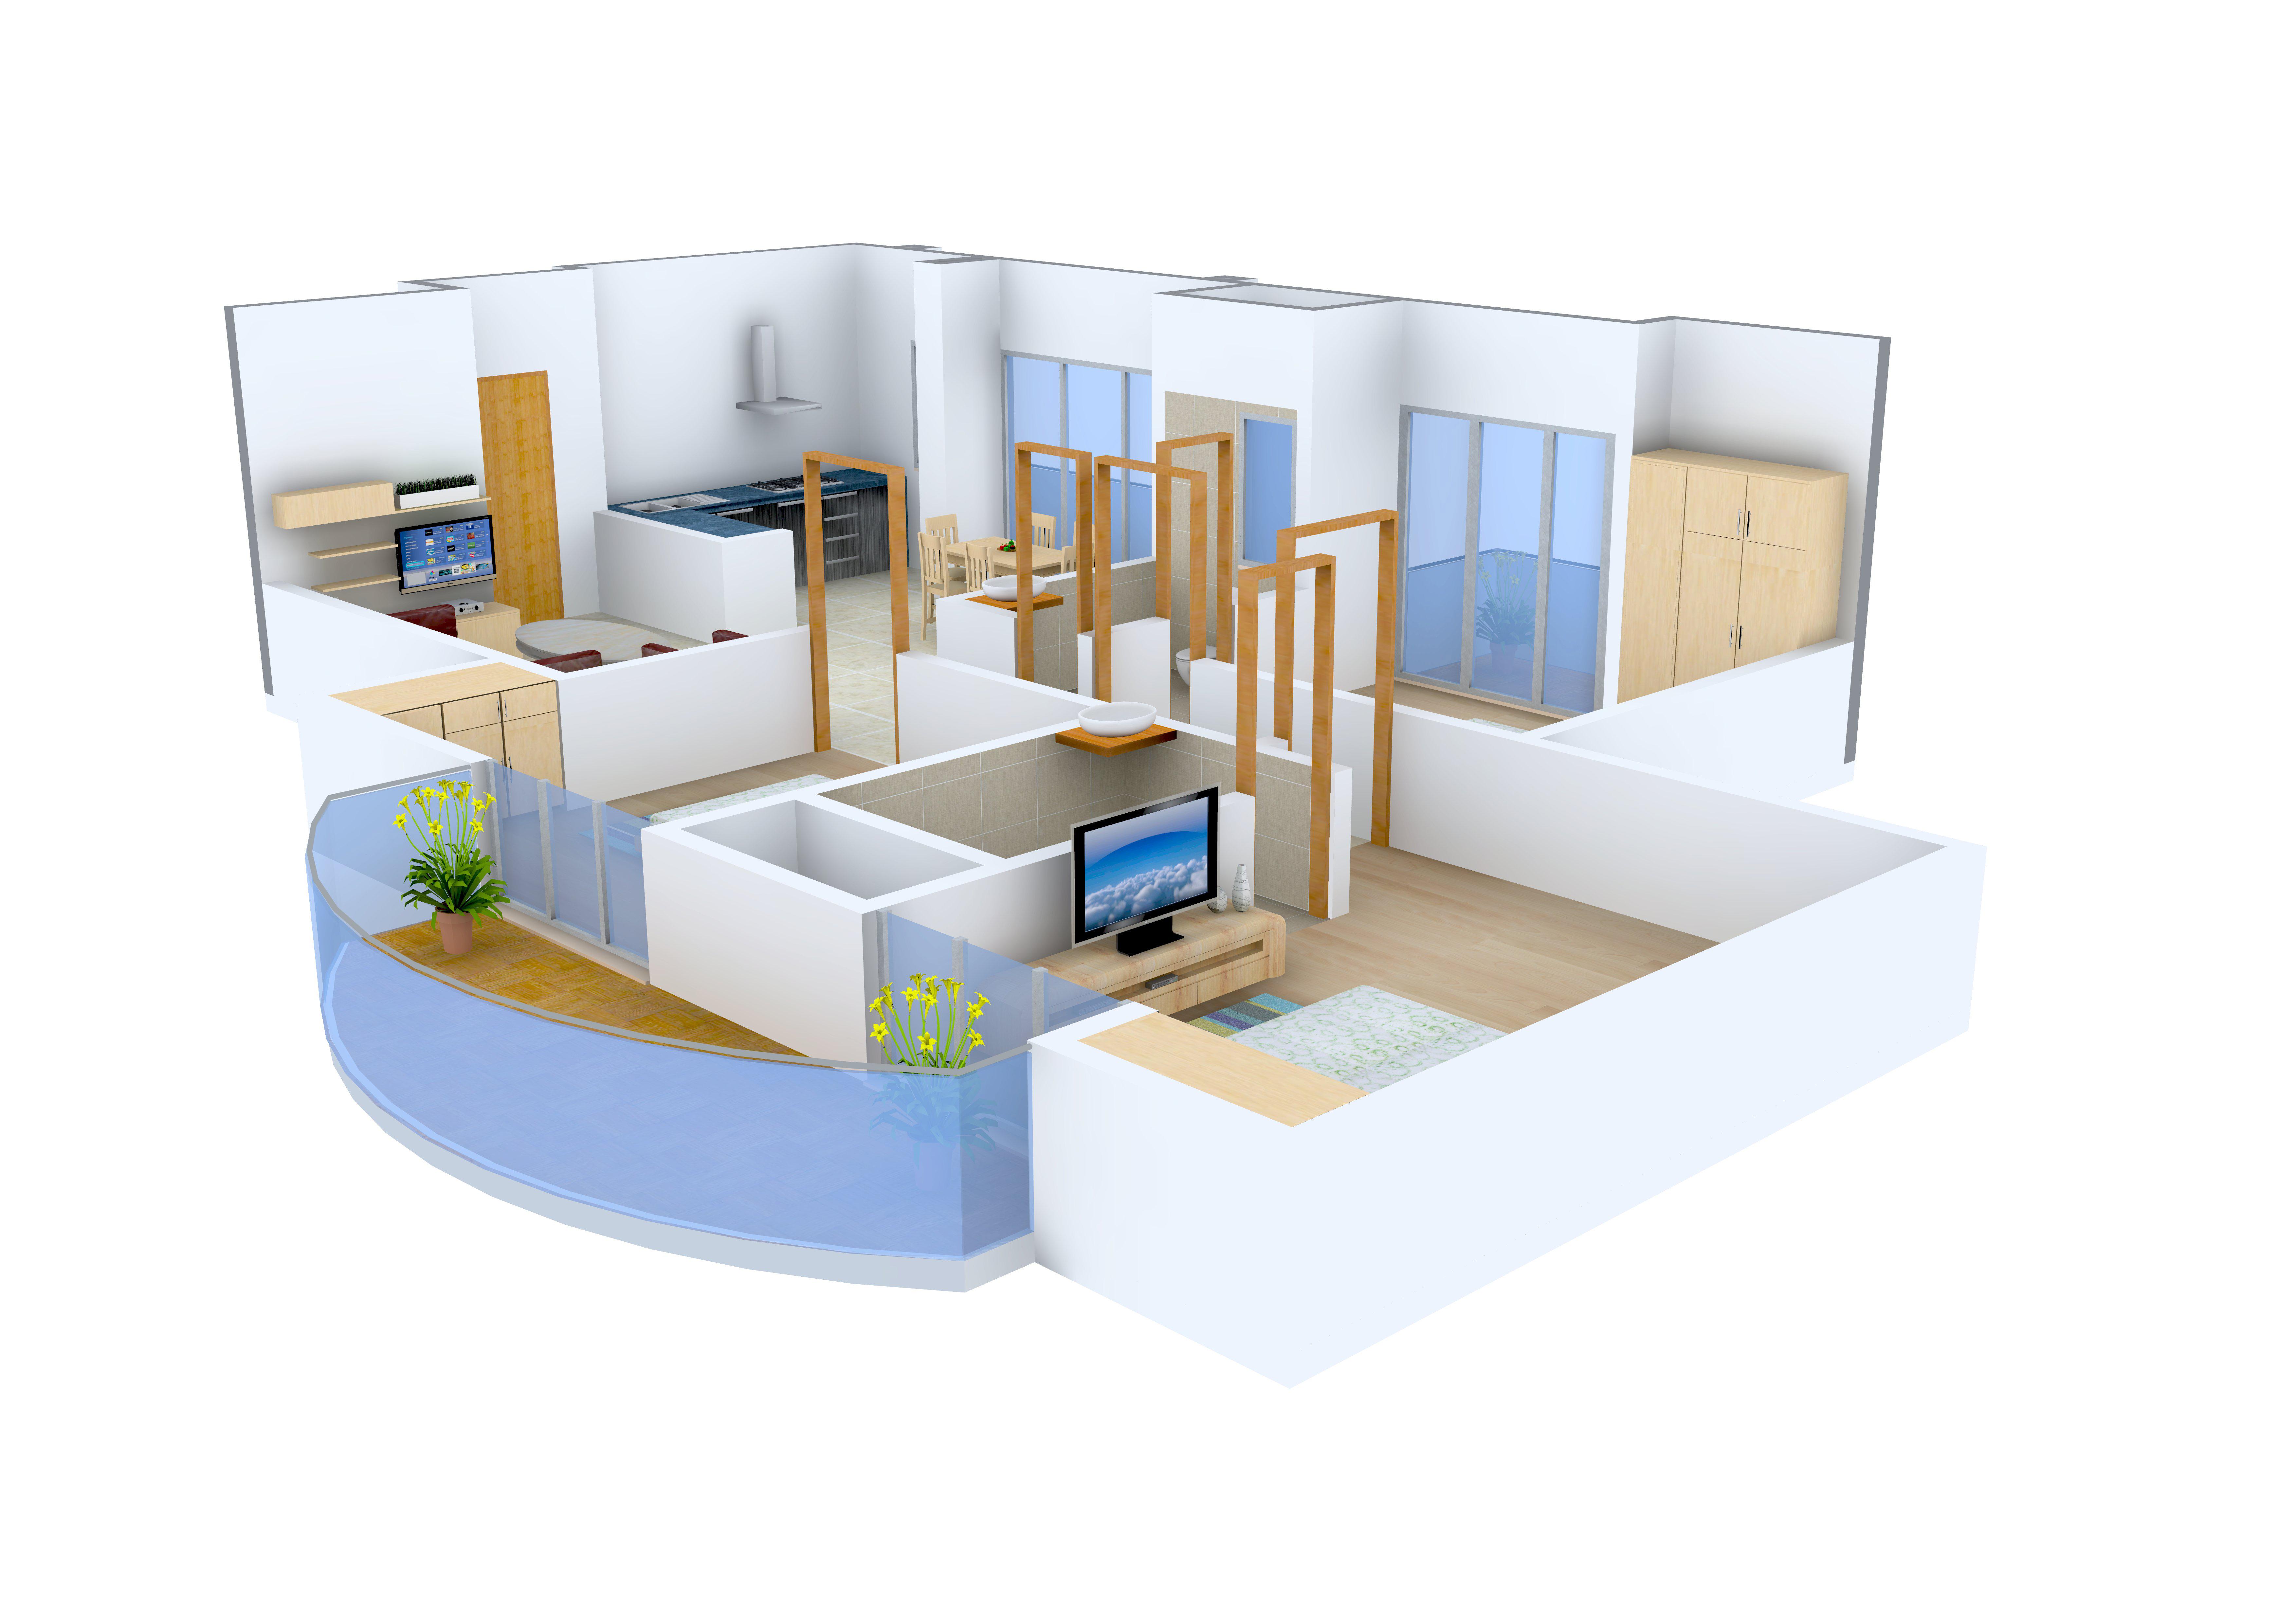 21 Flats for Rent in ADITYA CELEBRITY HOMES